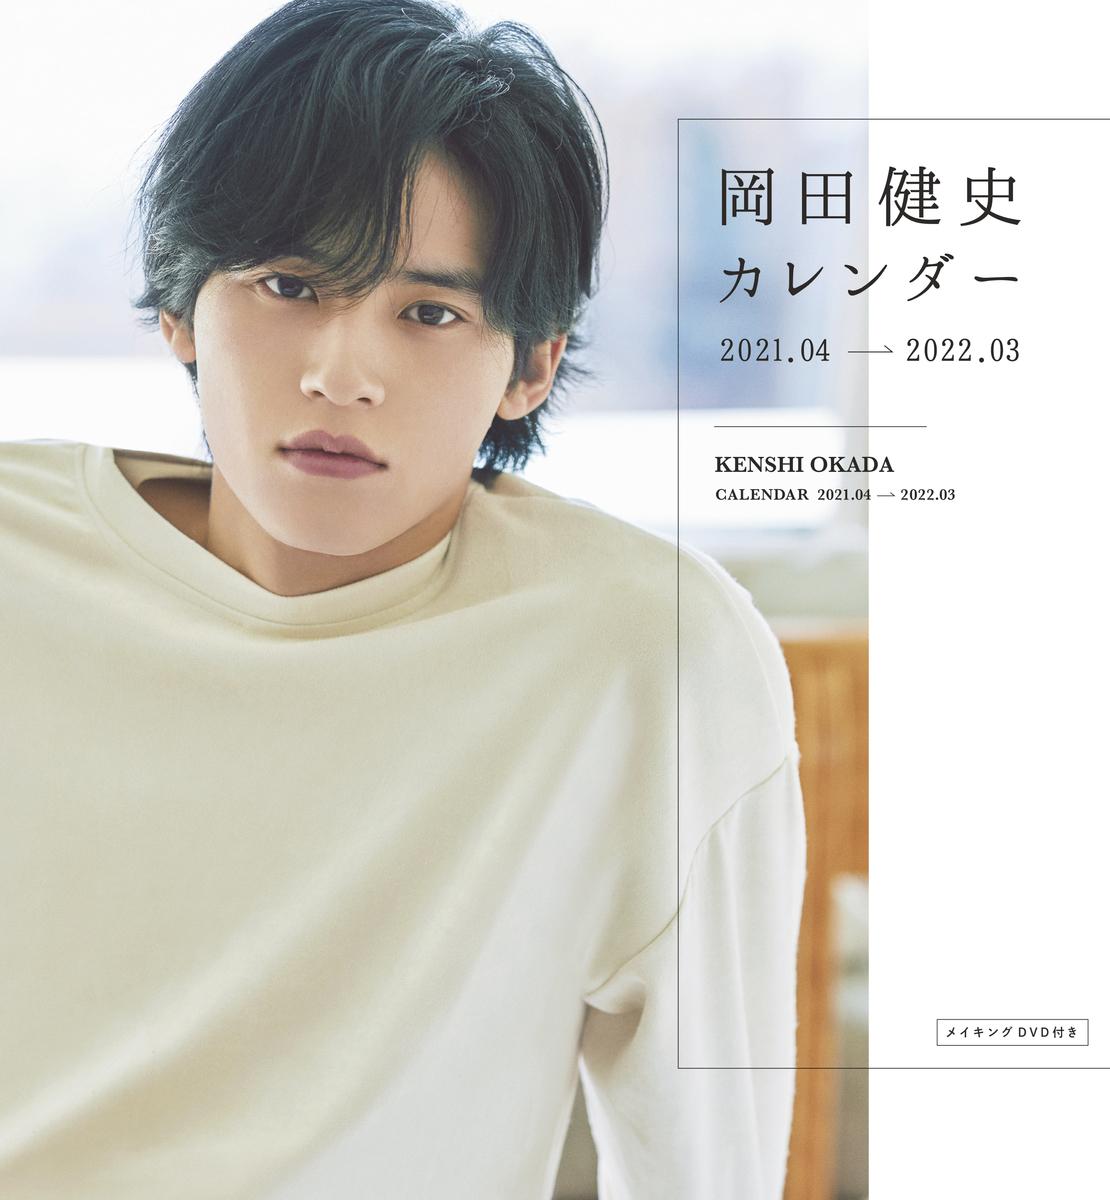 『岡田健史カレンダー2021.04-2022.03』(東京ニュース通信社)